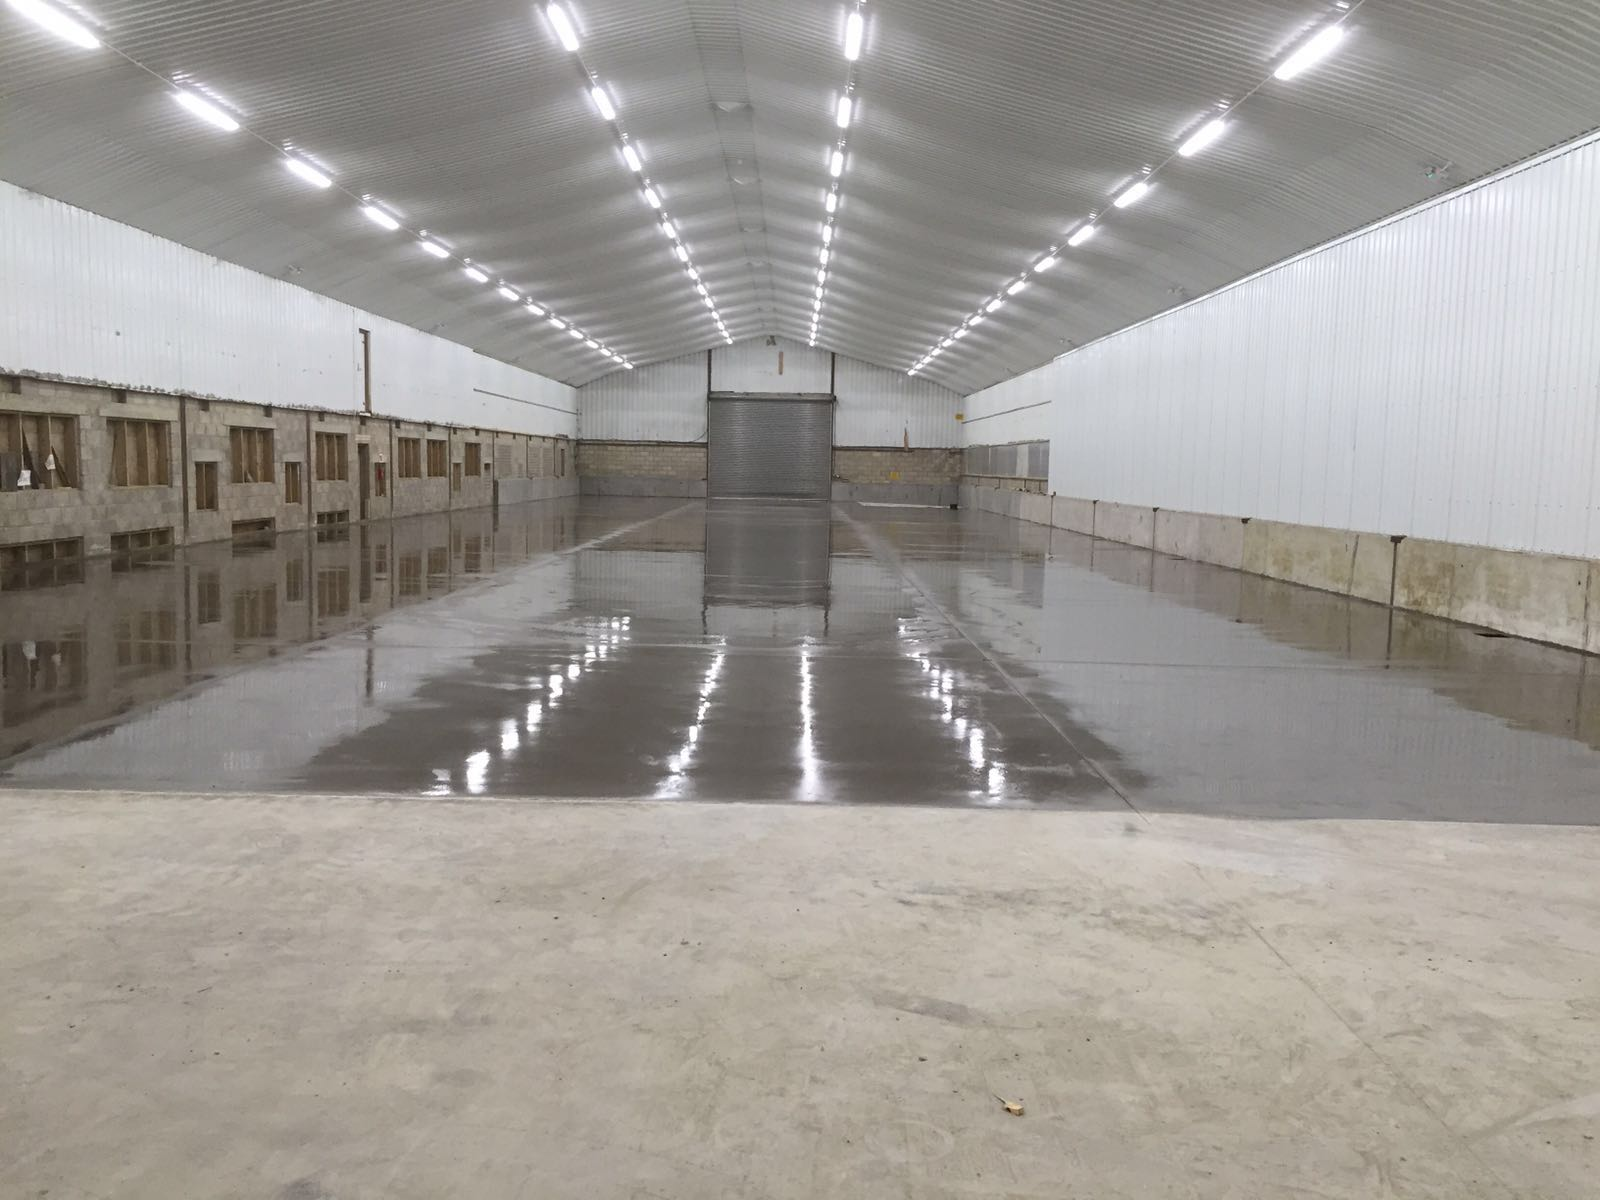 concreteindustiralfloorpowerfloat